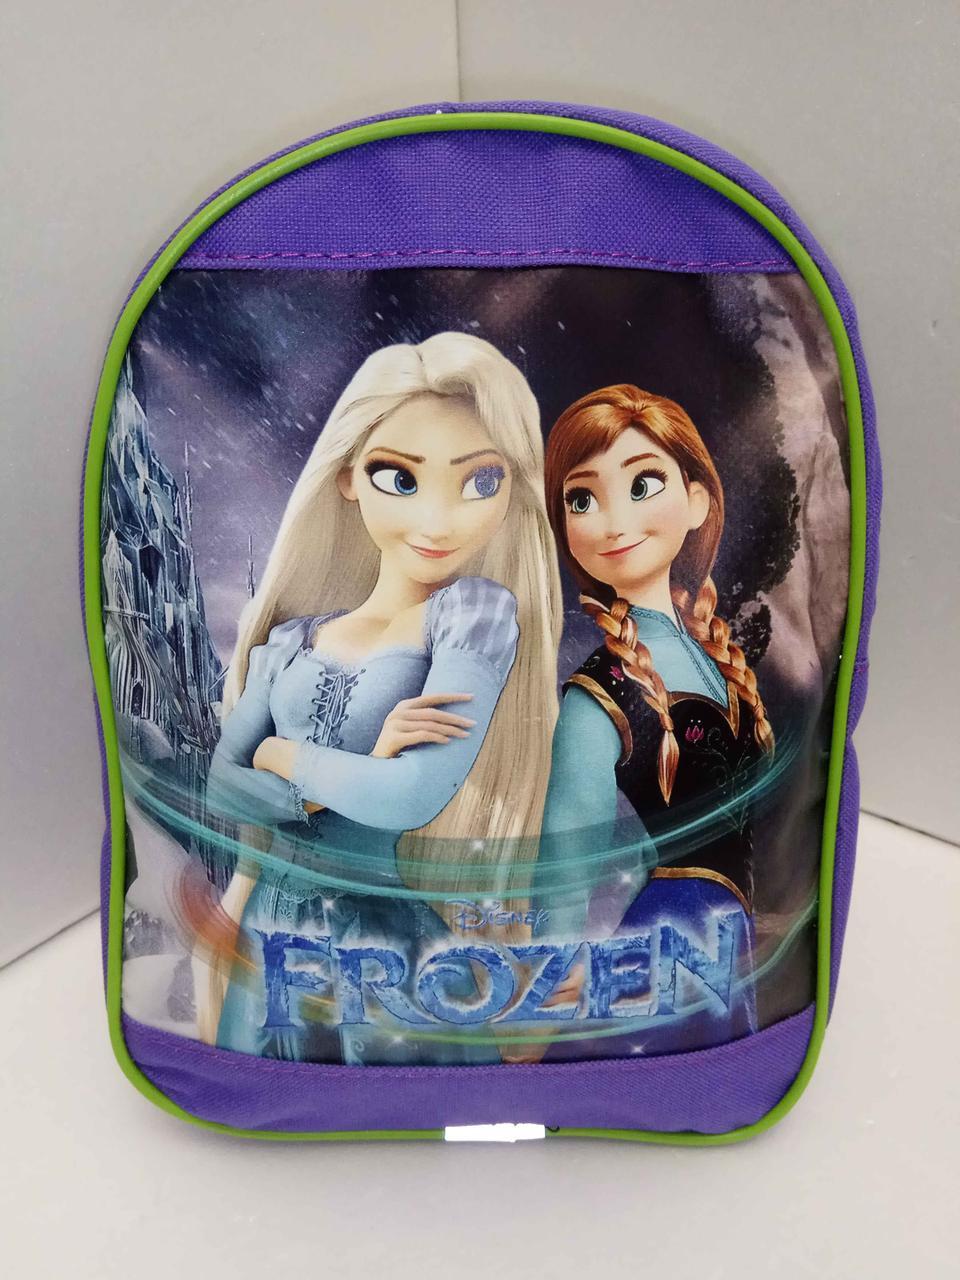 Рюкзак для девочек фрозен. Копия